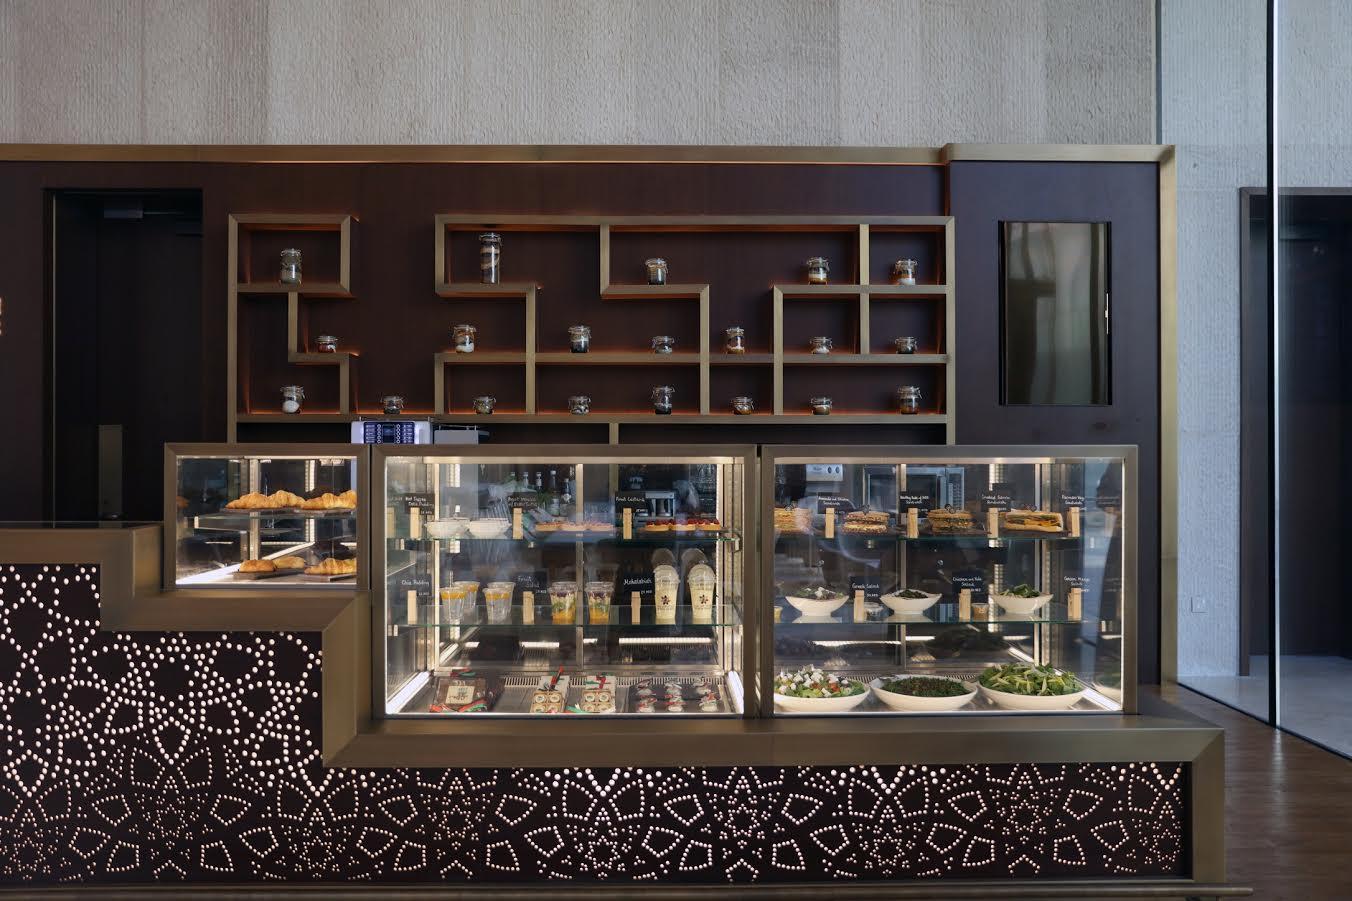 مطعم الرمال السبعة يفتتح أبوابه في متحف الاتحاد